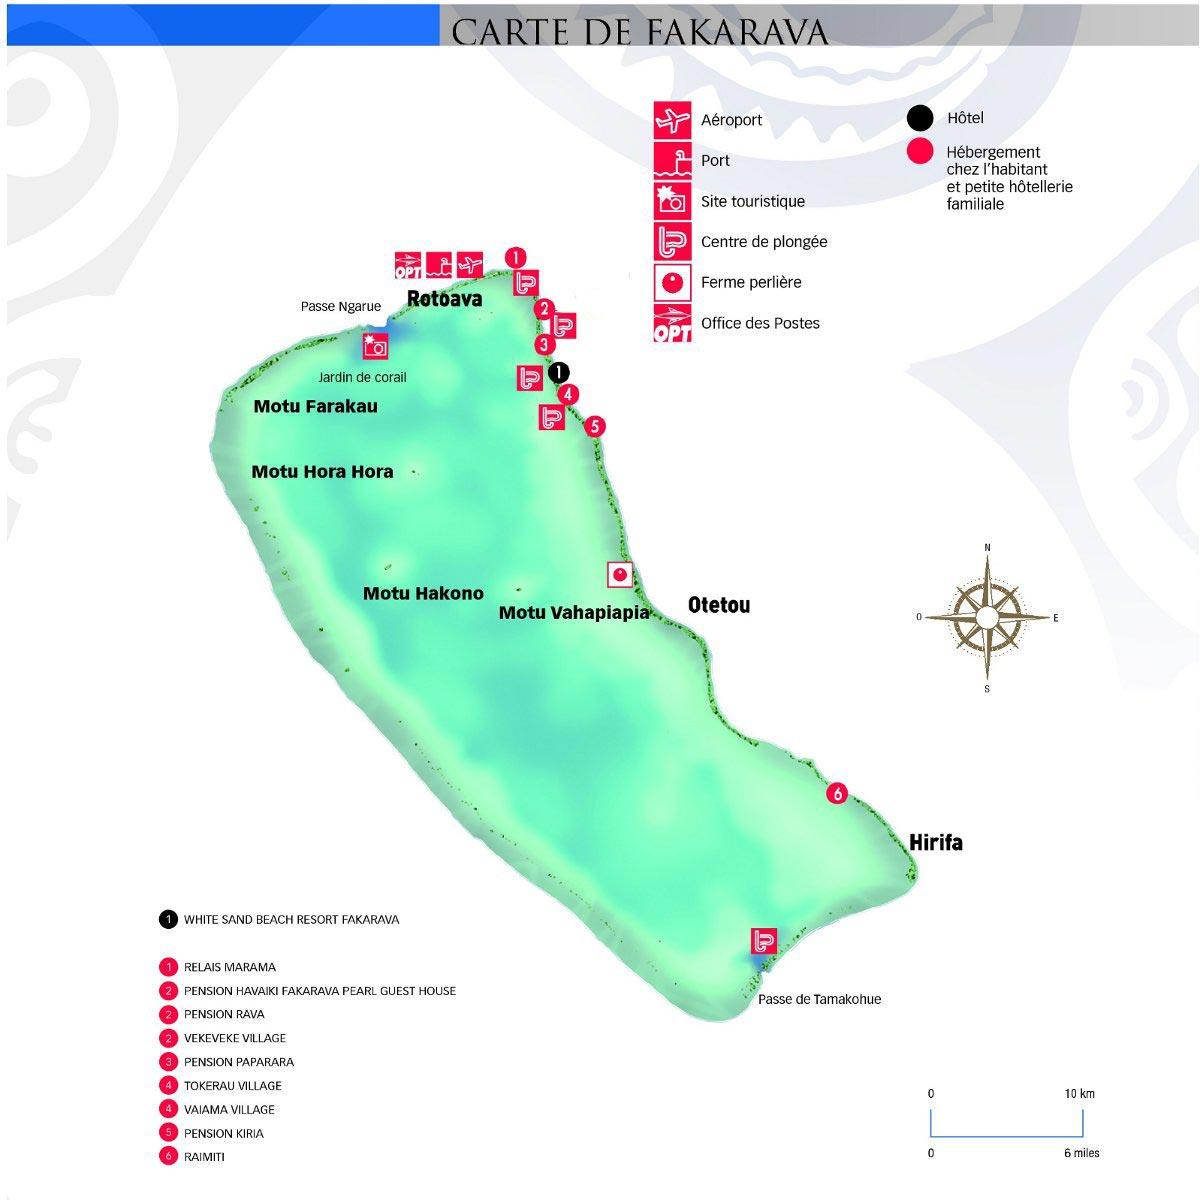 Fakarava - Carte